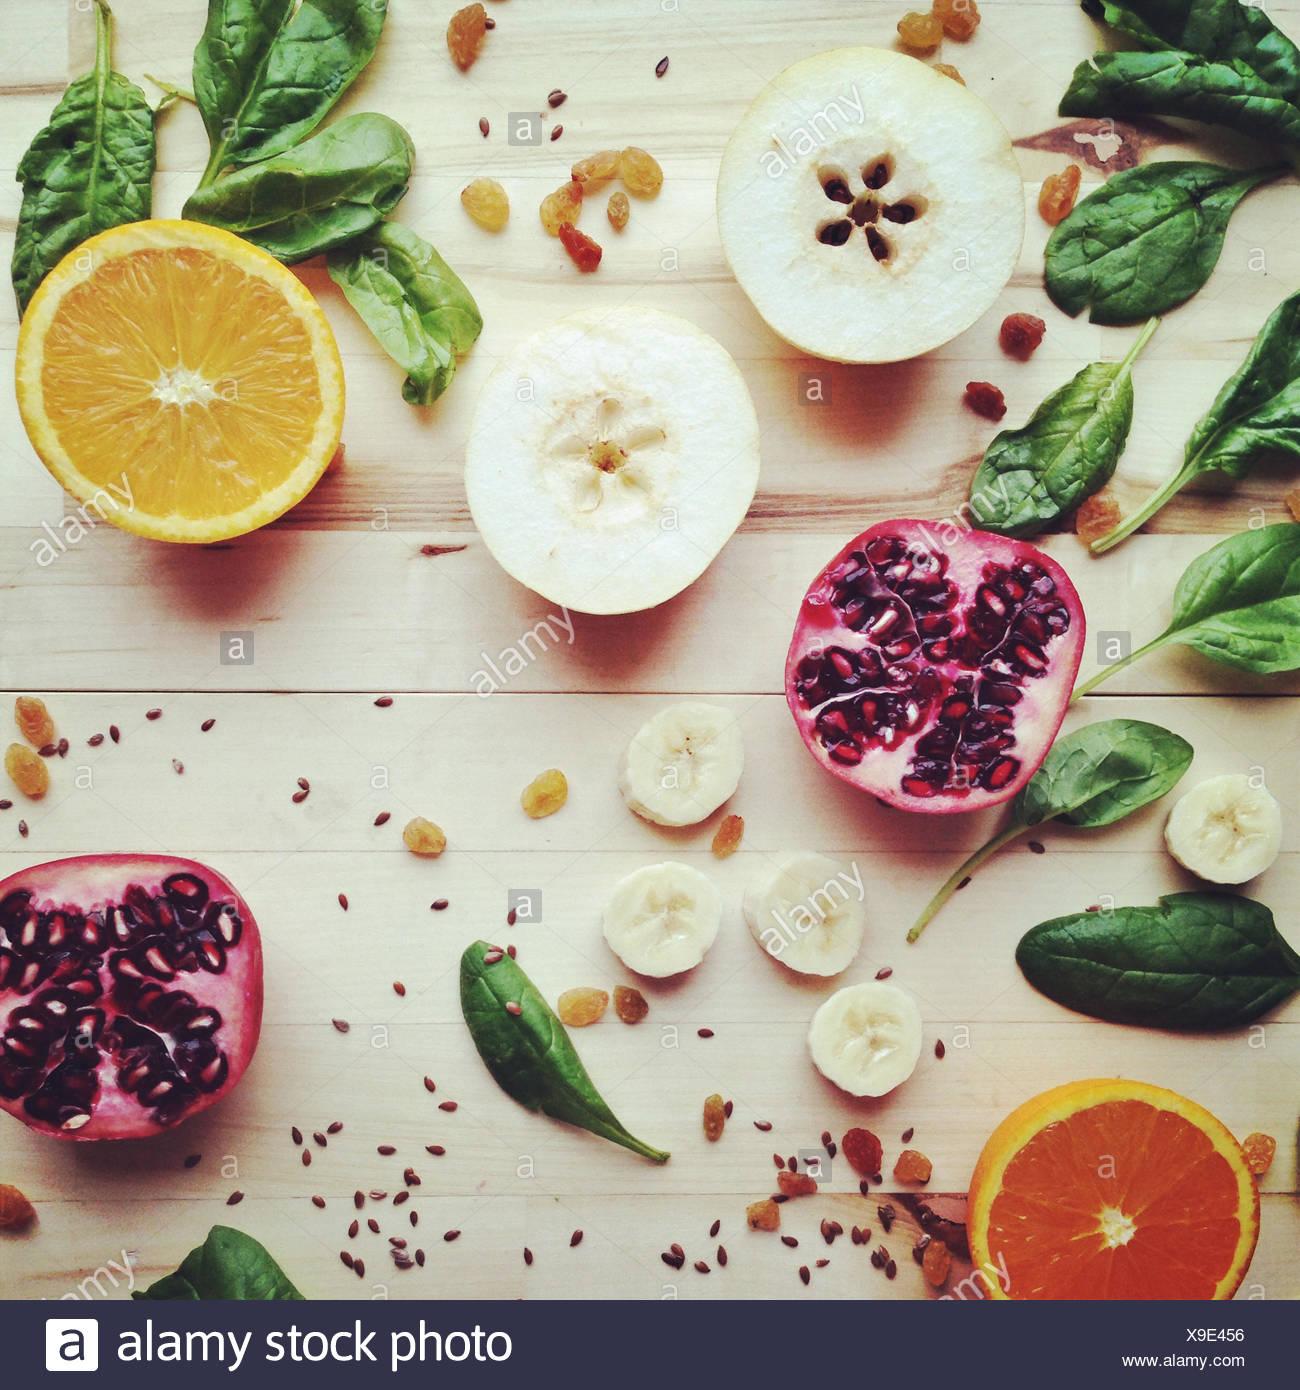 Tranches de fruits, graines et légumes Photo Stock